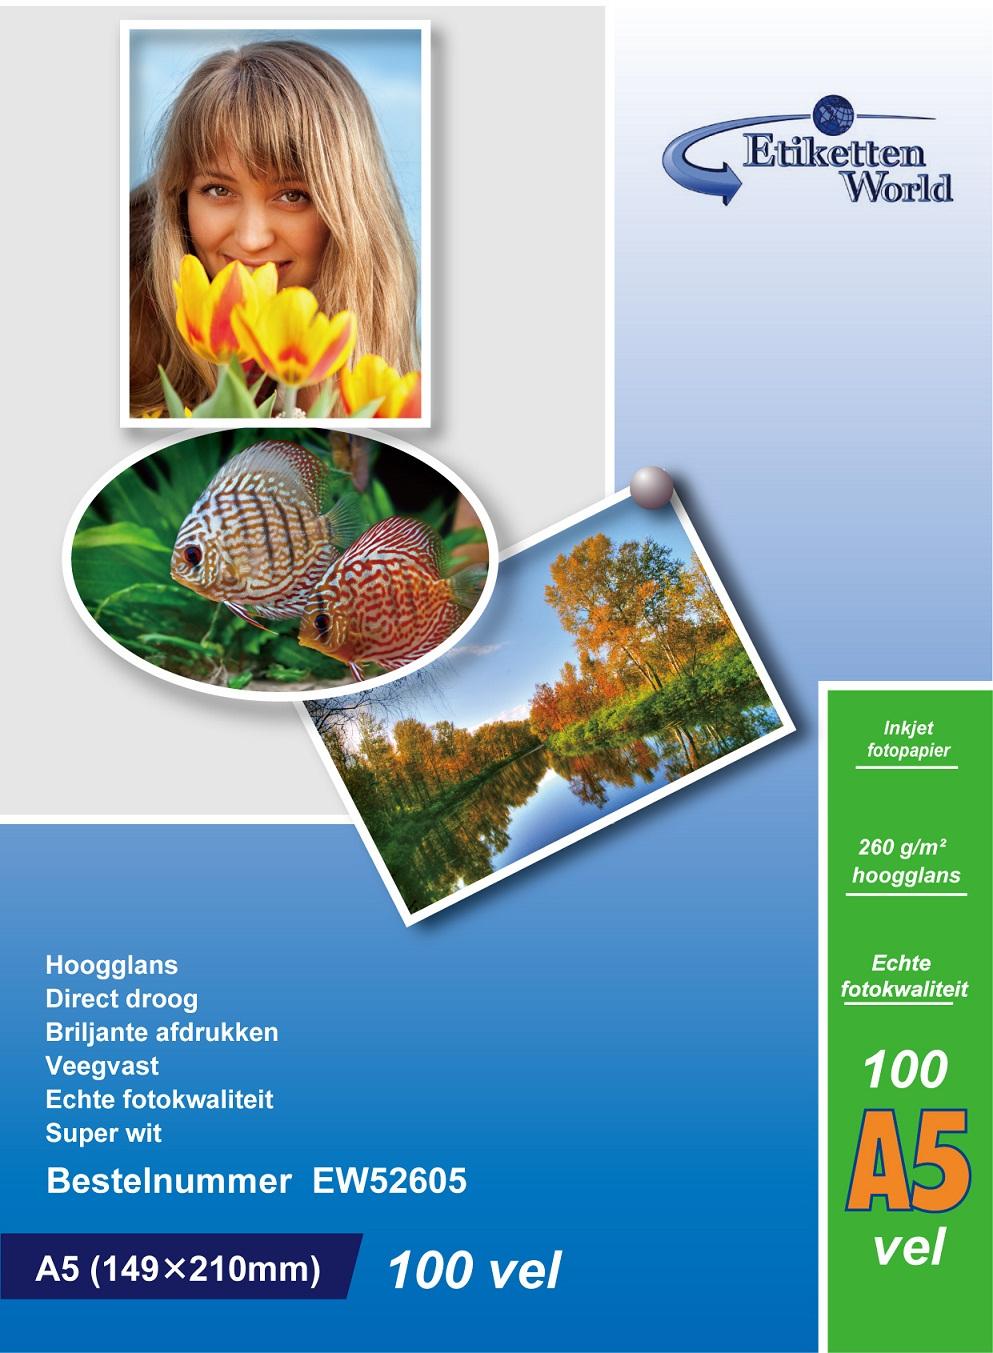 EtikettenWorld BV Fotopapier A5 260g/qm High Glossy und wasserfest